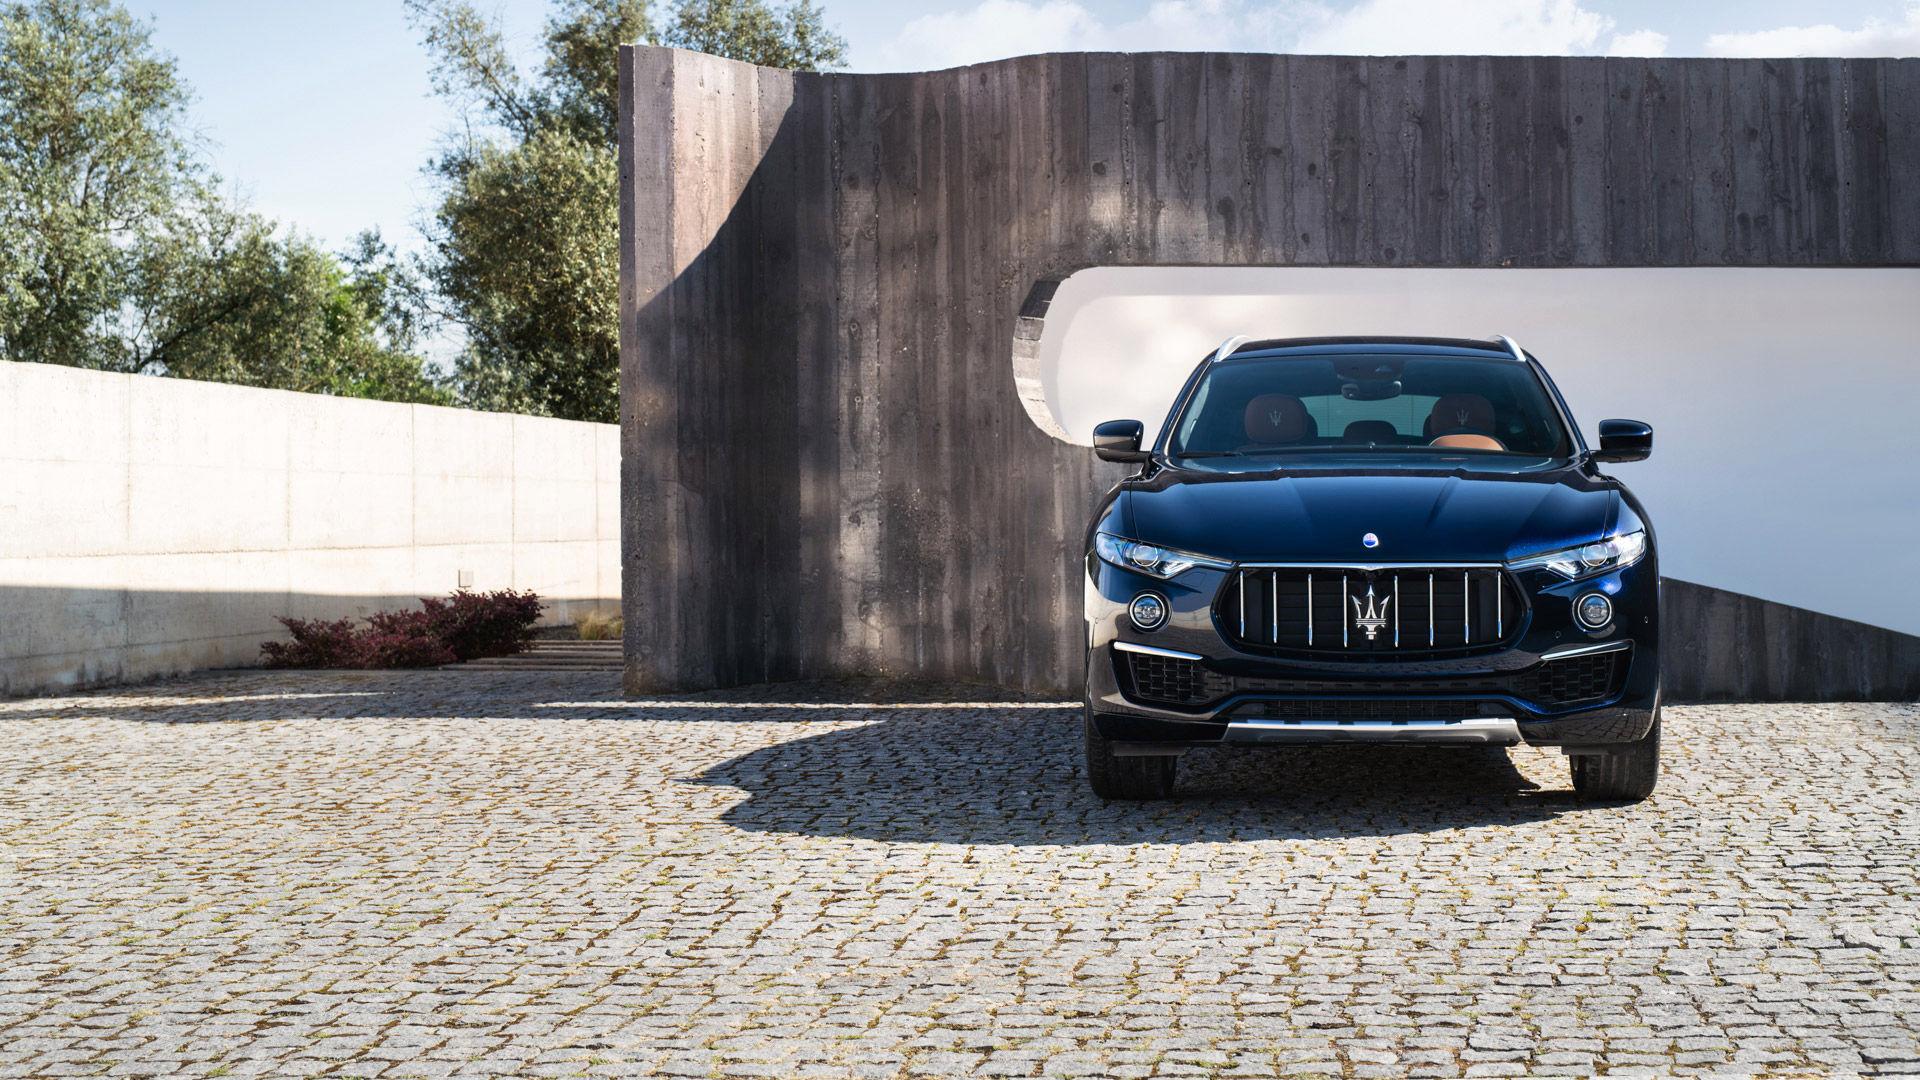 Maserati Levante nera MY19: il SUV della Casa del Tridente. Disponibile anche con la formula di noleggio a lungo termine.